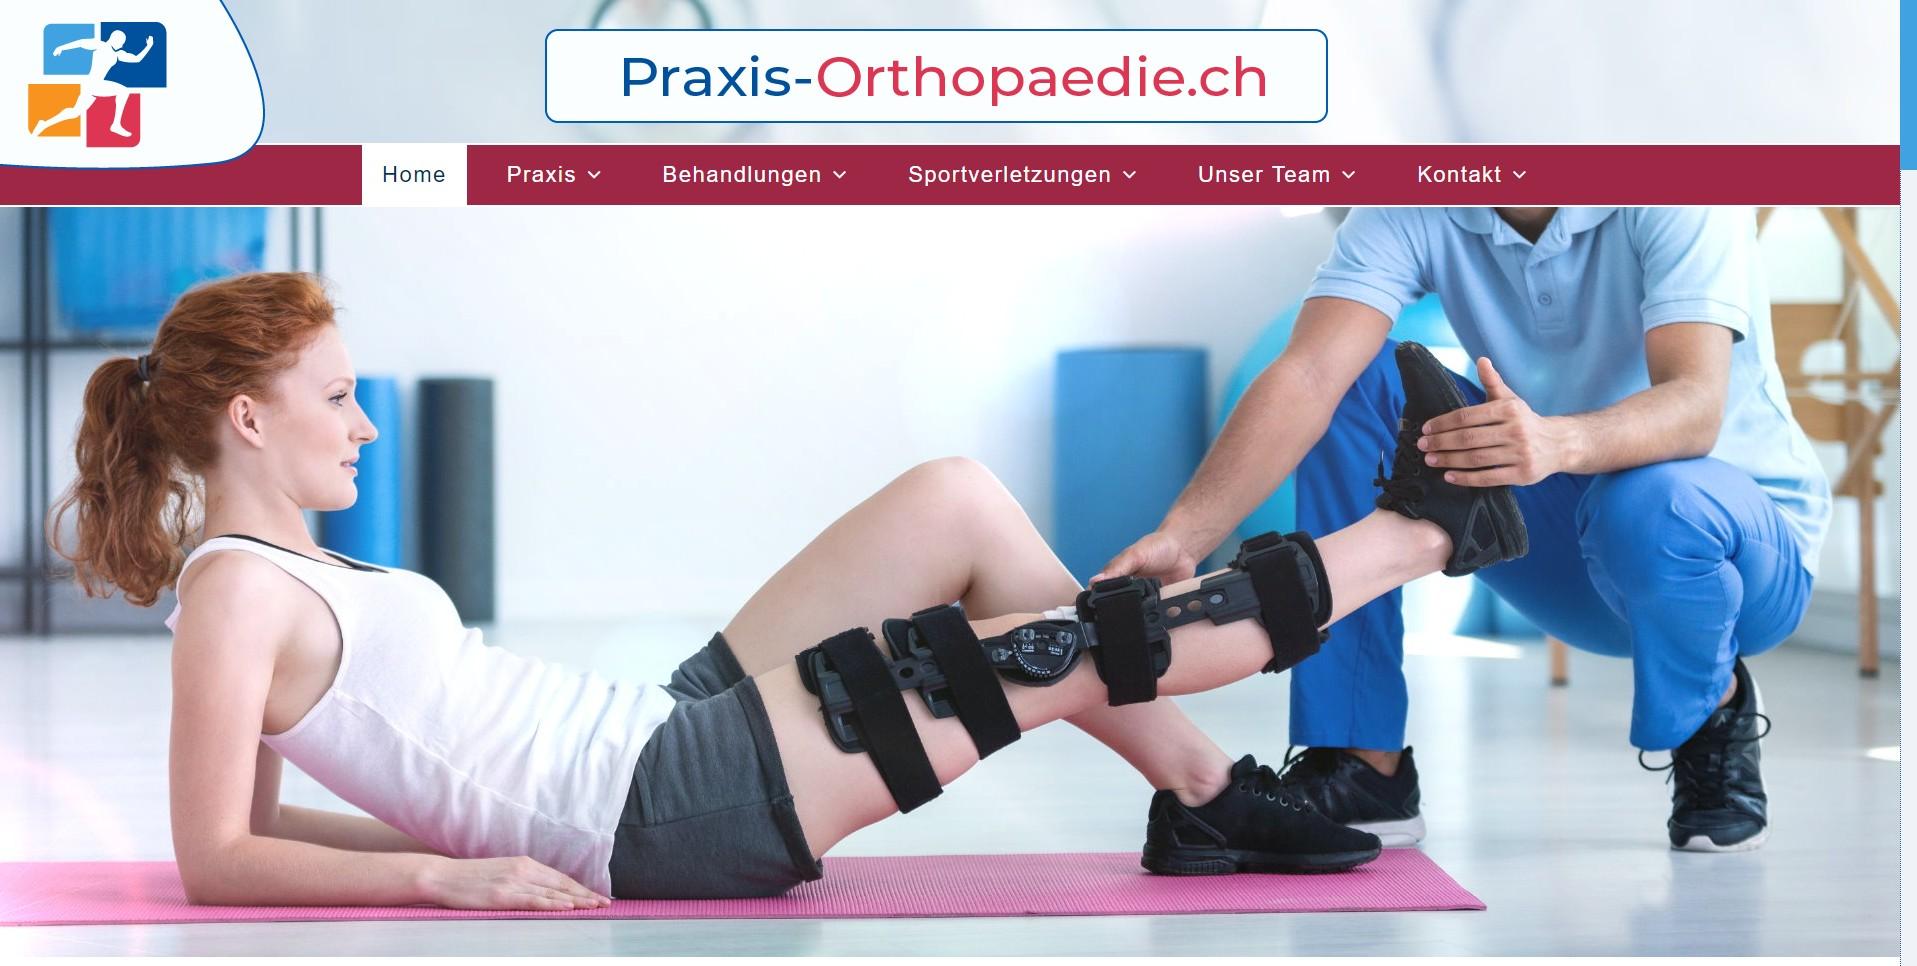 Praxis-Orthopaedie.ch